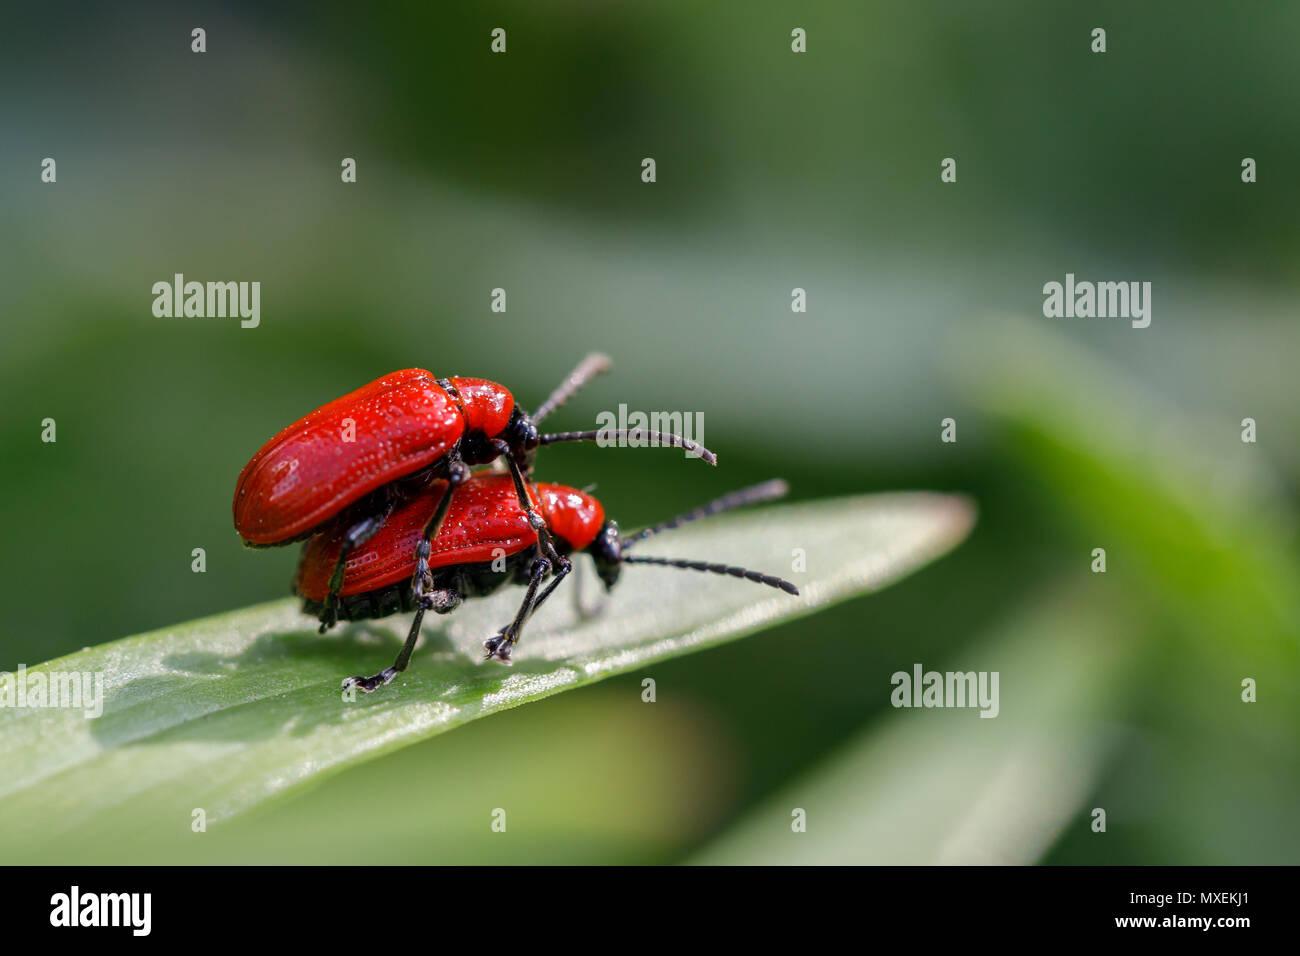 Libera le relazioni in insetti. Coleotteri in una passeggiata Immagini Stock